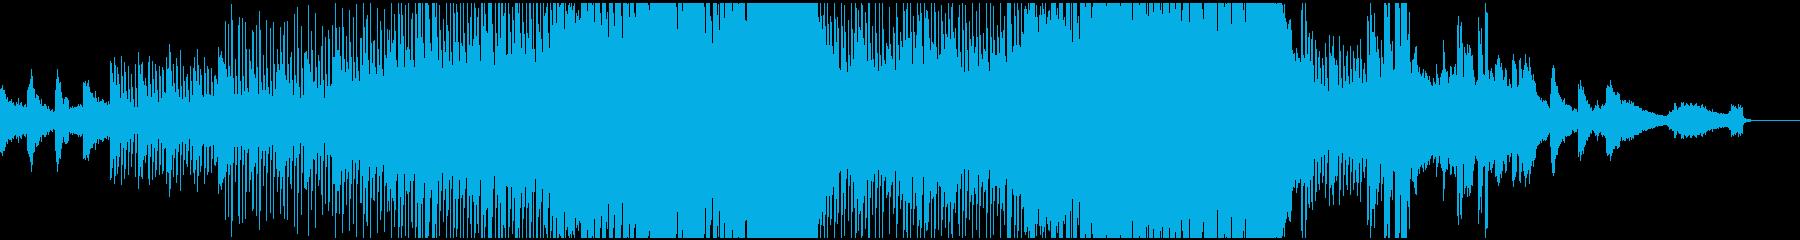 ビーチで裏切られたときをイメージした曲の再生済みの波形